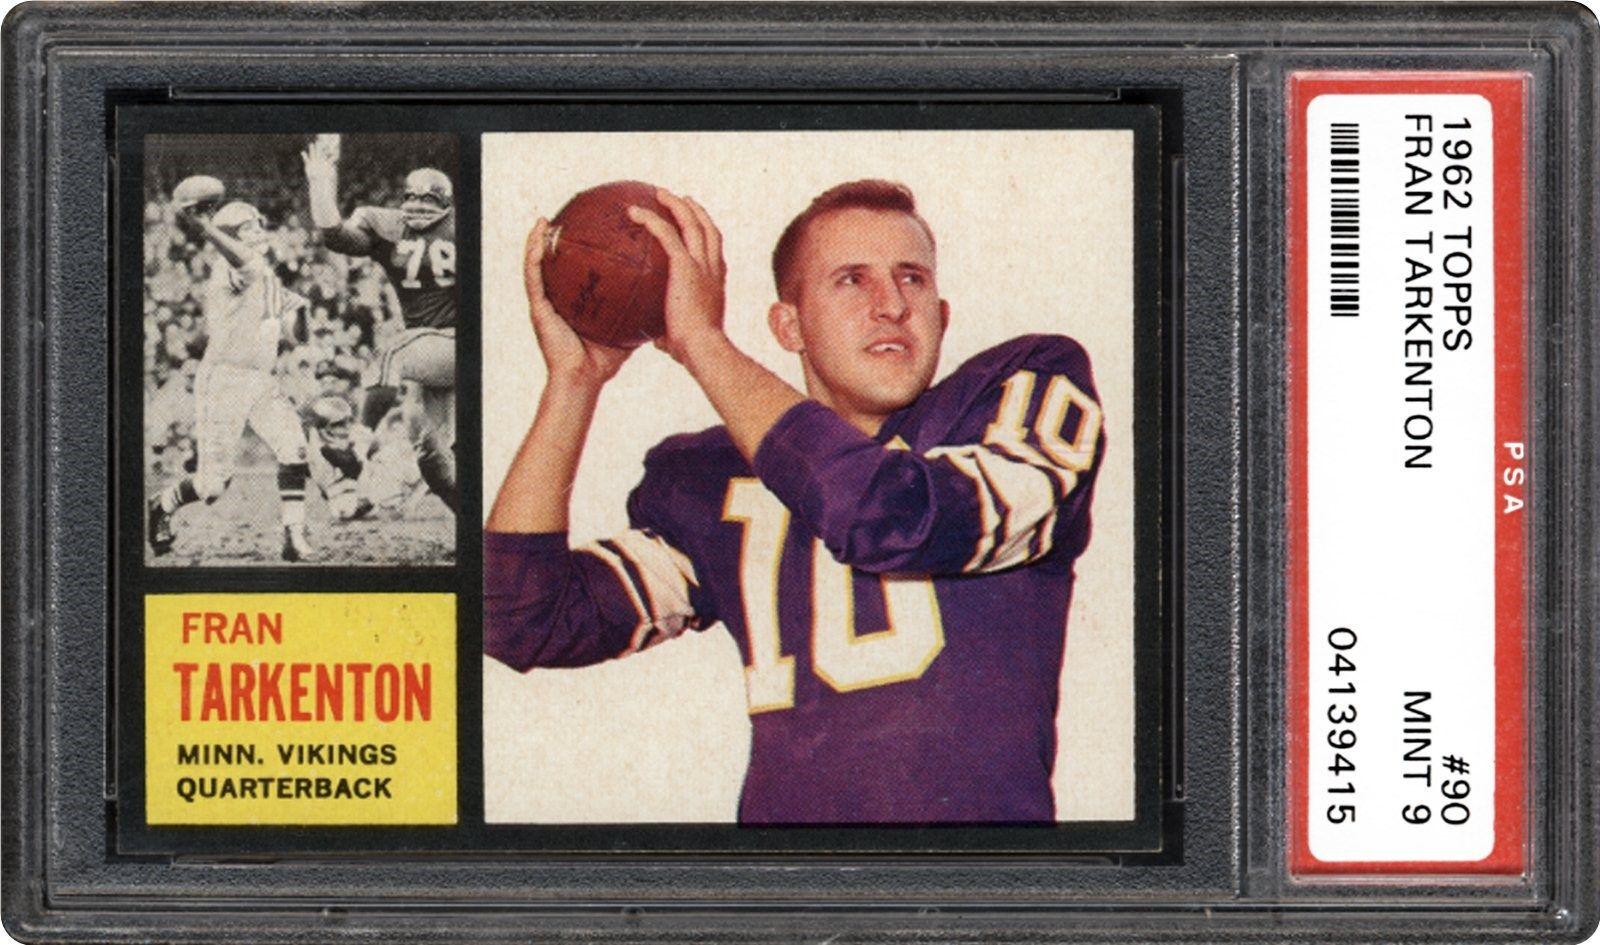 1962 Topps Fran Tarkenton PSA 9 Football trading cards